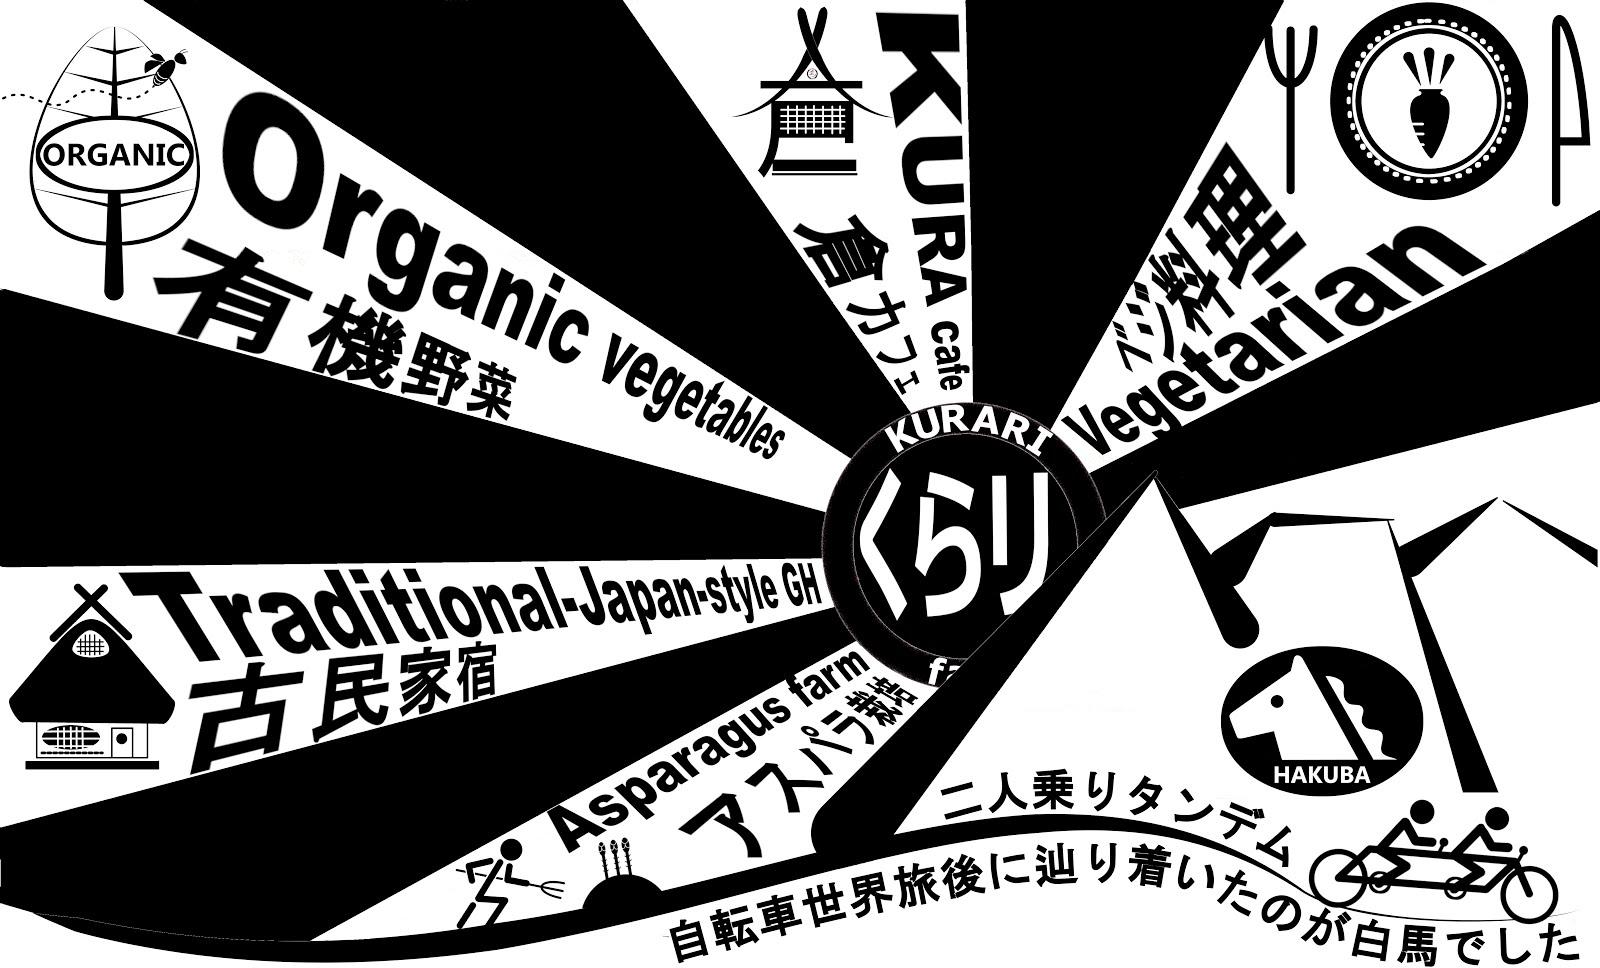 倉リ農園(くらりのうえん)<br>ホームページ